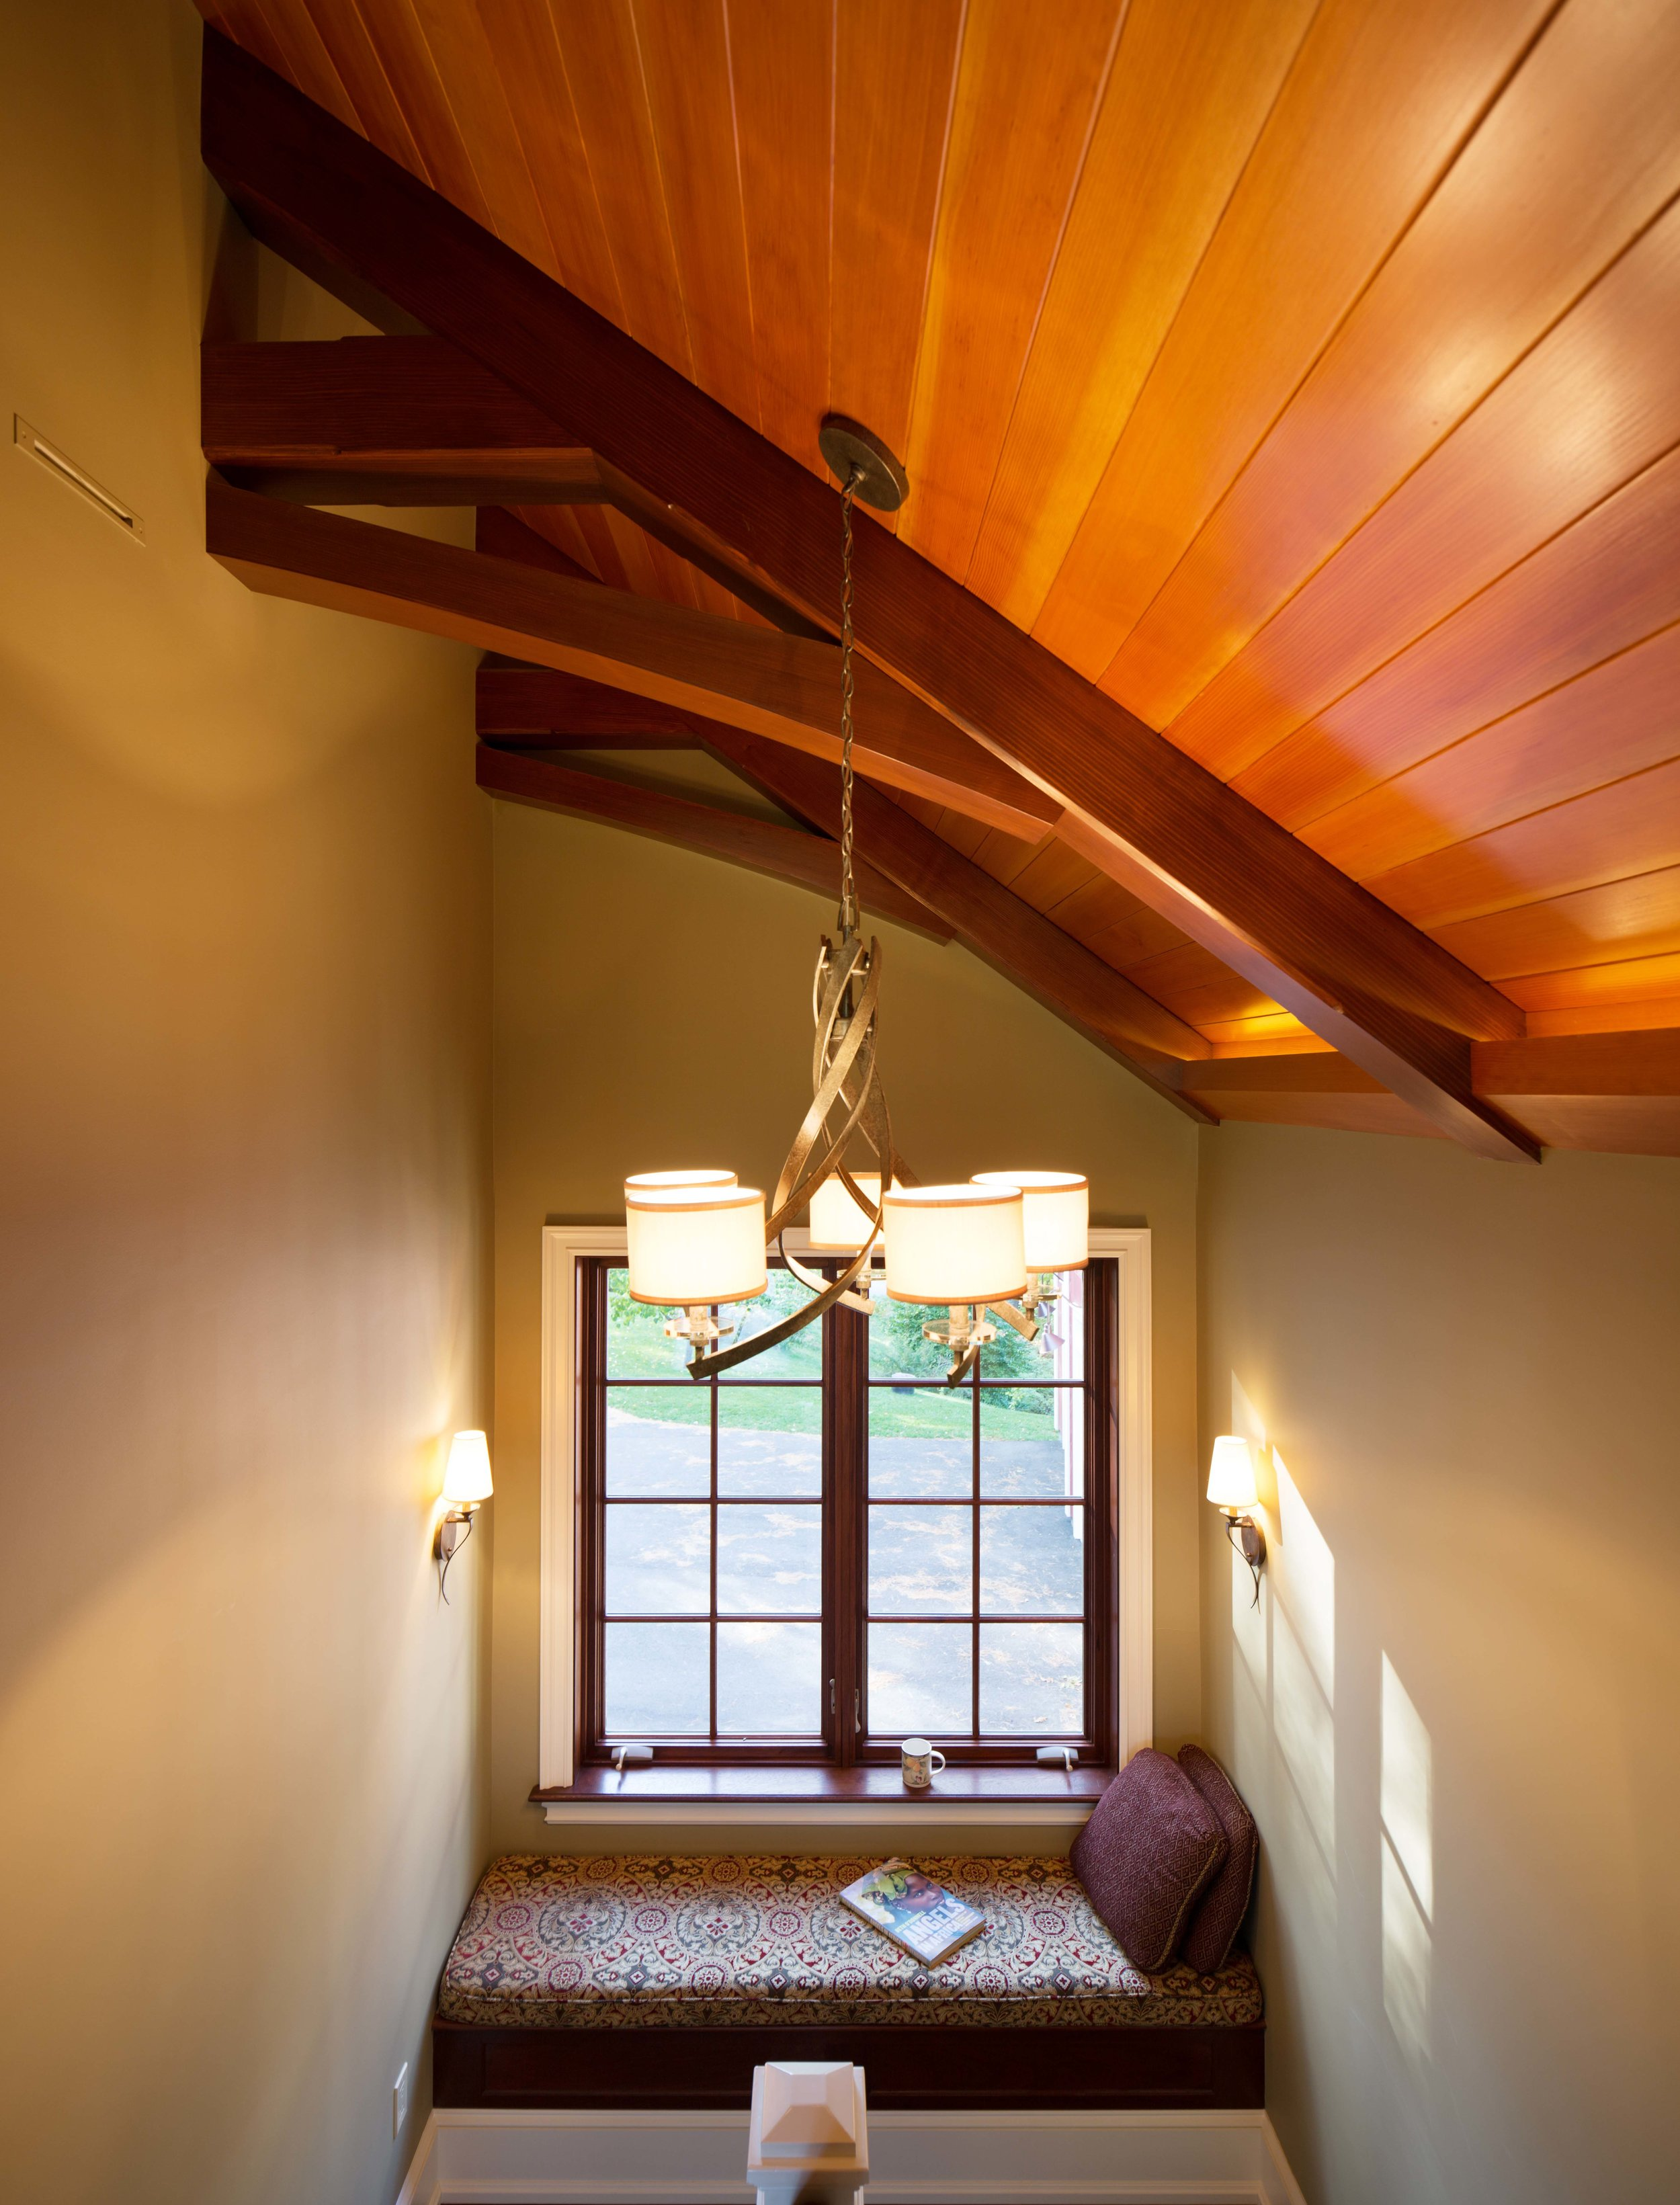 Corcoran-2743 Stair ceiling.jpg